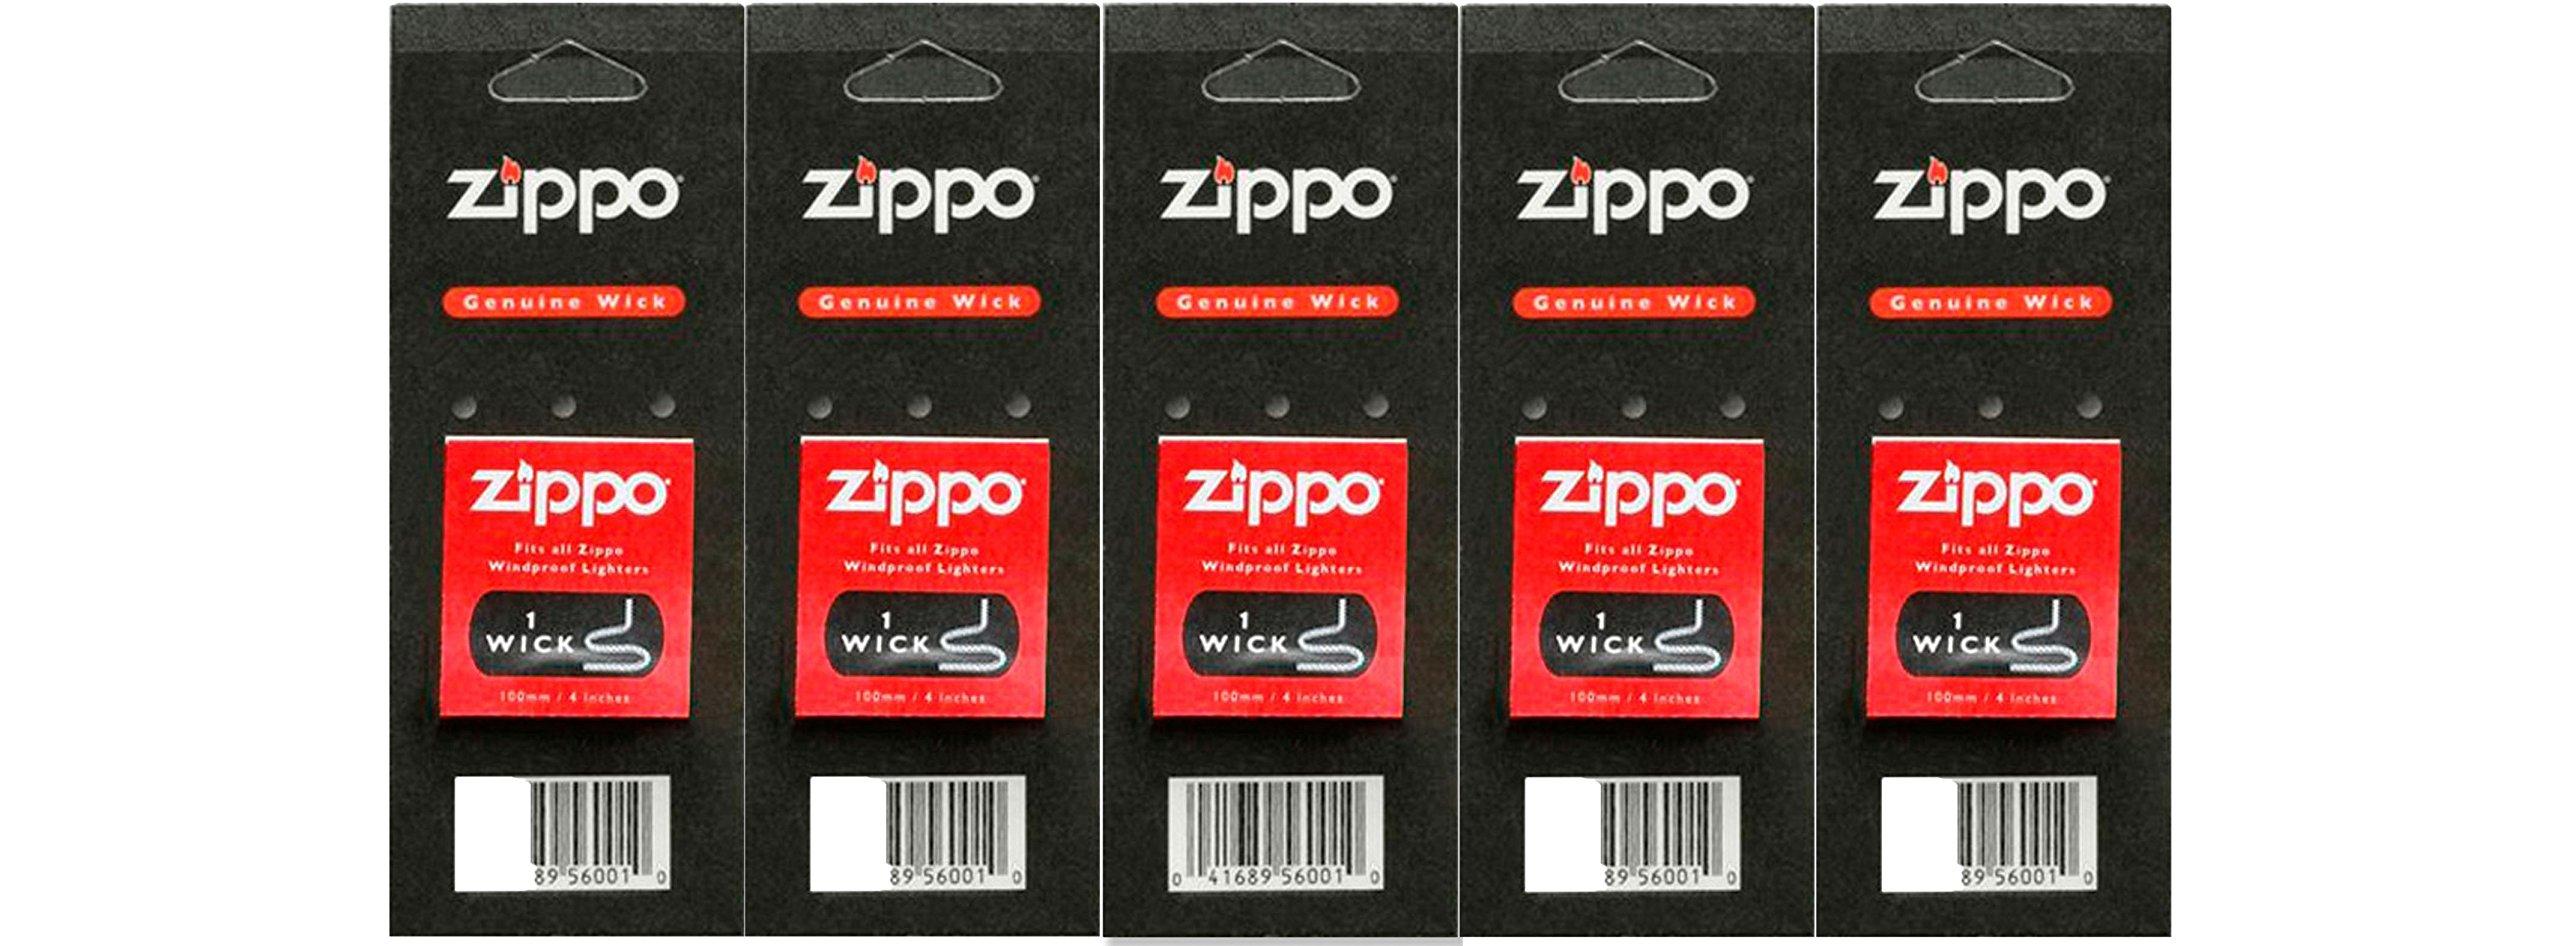 Zippo-2425-1-1.jpg